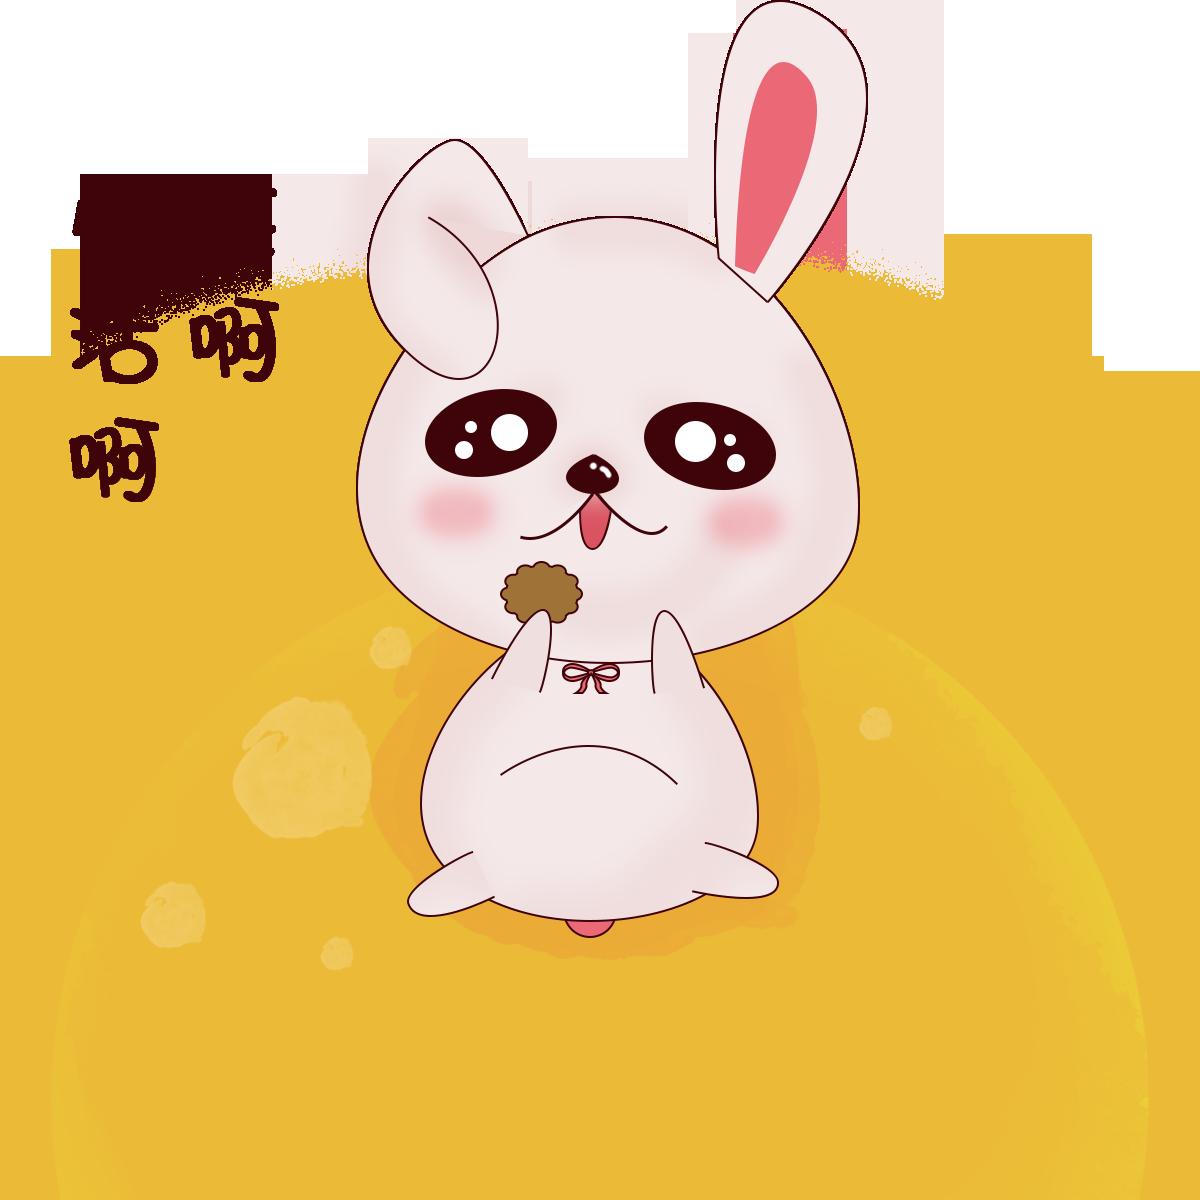 表情 卡通 卡通手绘可爱粉粉小兔子中秋节吃月饼表情包坐月亮上免费  表情